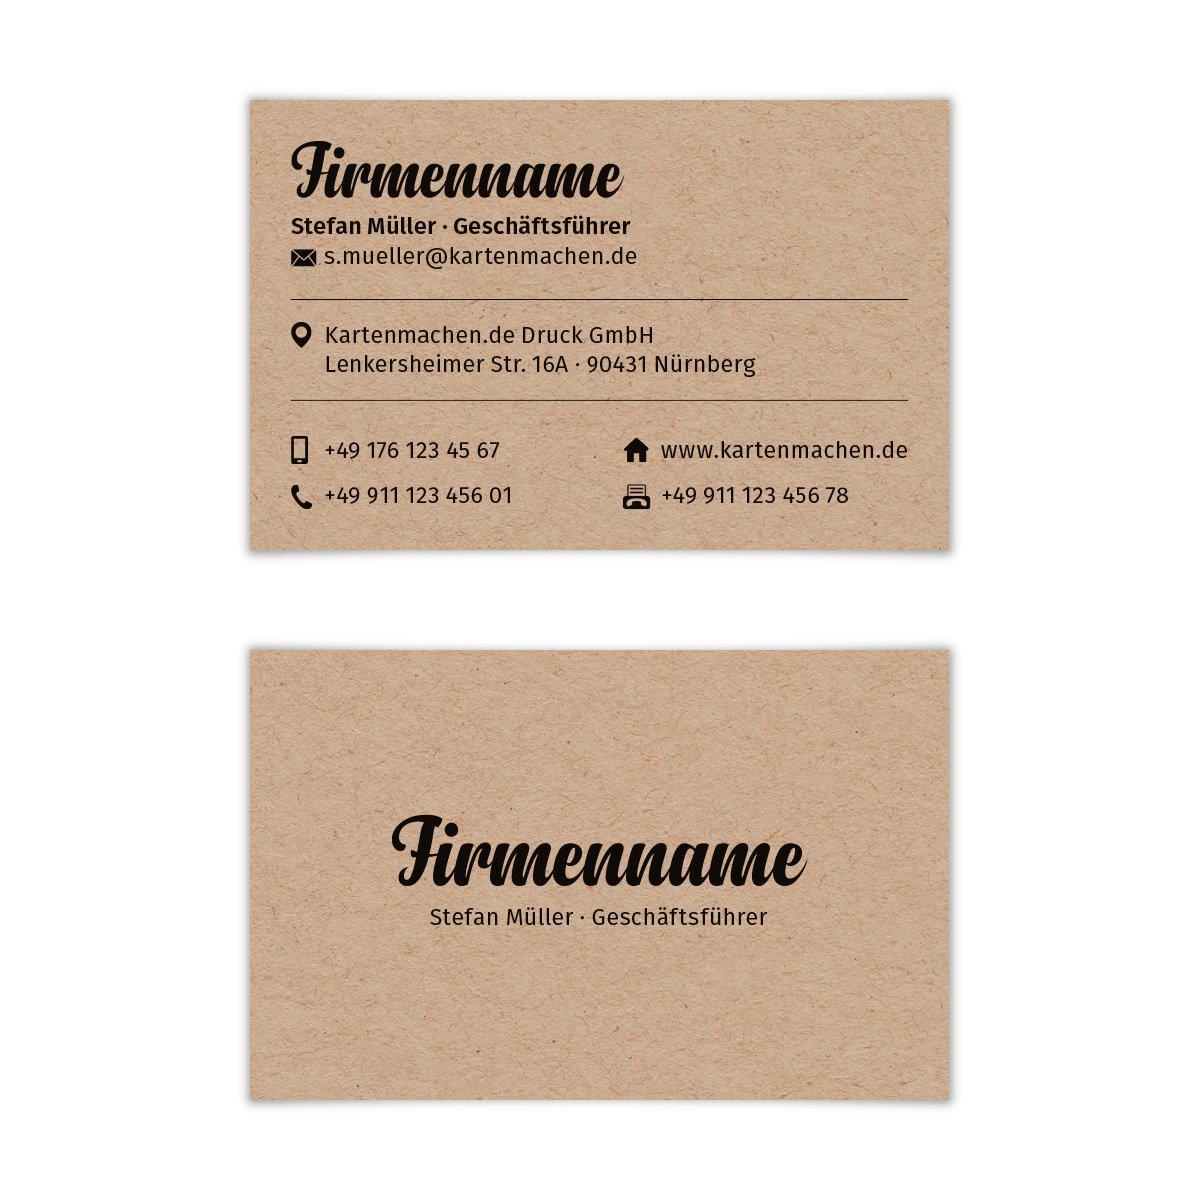 500 x Visitenkarten individuell Business Karten Karten Karten 300g qm 85 x 55 mm - Kraftpapier Look B07CHKDR8Q | Ausgezeichnet  | Ideales Geschenk für alle Gelegenheiten  | Düsseldorf Eröffnung  42e10c